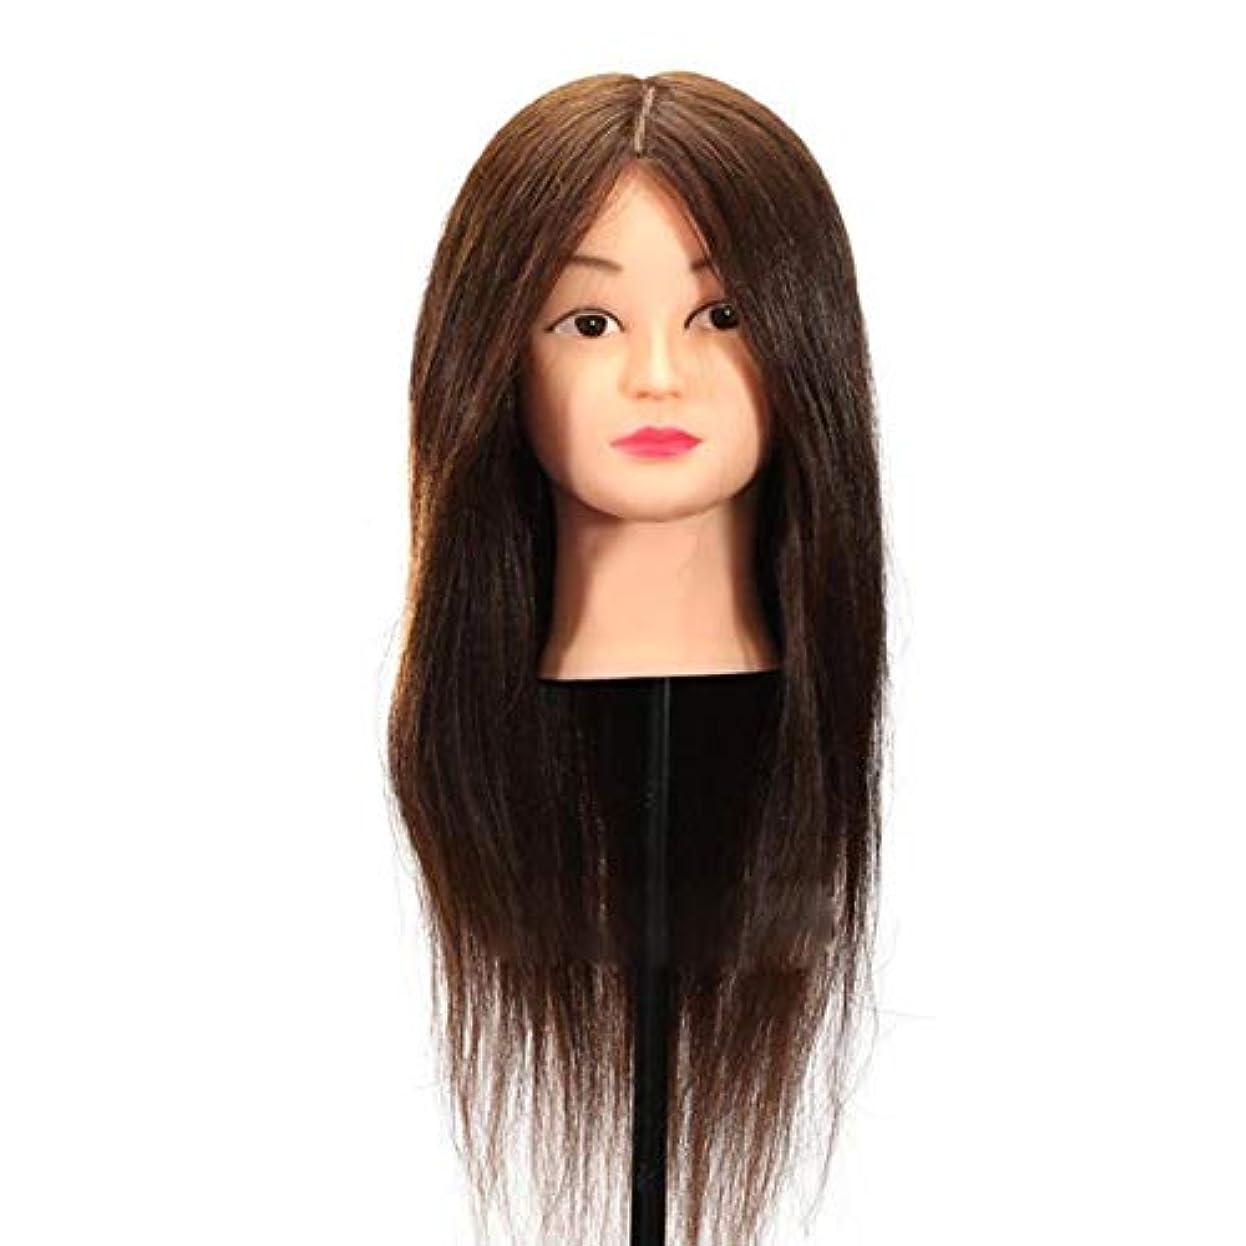 雹敵永遠のヘアマネキンヘッド練習ディスク髪編組ヘッドモデル理髪店学校教育かつらヘッドバンドブラケット